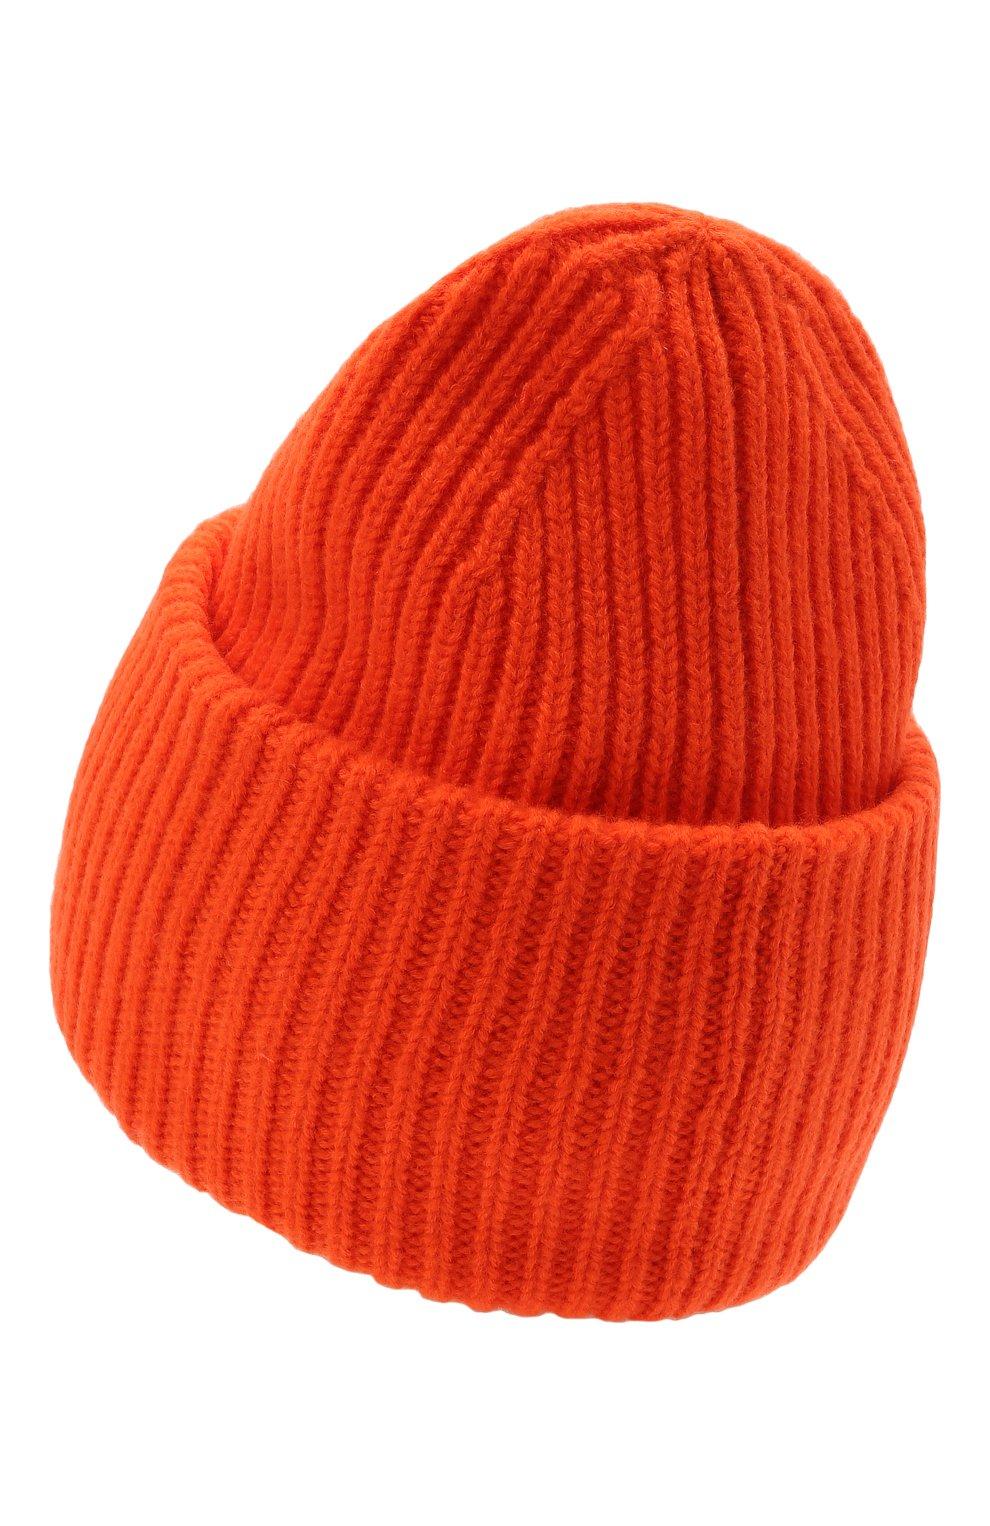 Мужская шерстяная шапка ACNE STUDIOS оранжевого цвета, арт. C40135/M | Фото 2 (Материал: Шерсть; Кросс-КТ: Трикотаж)